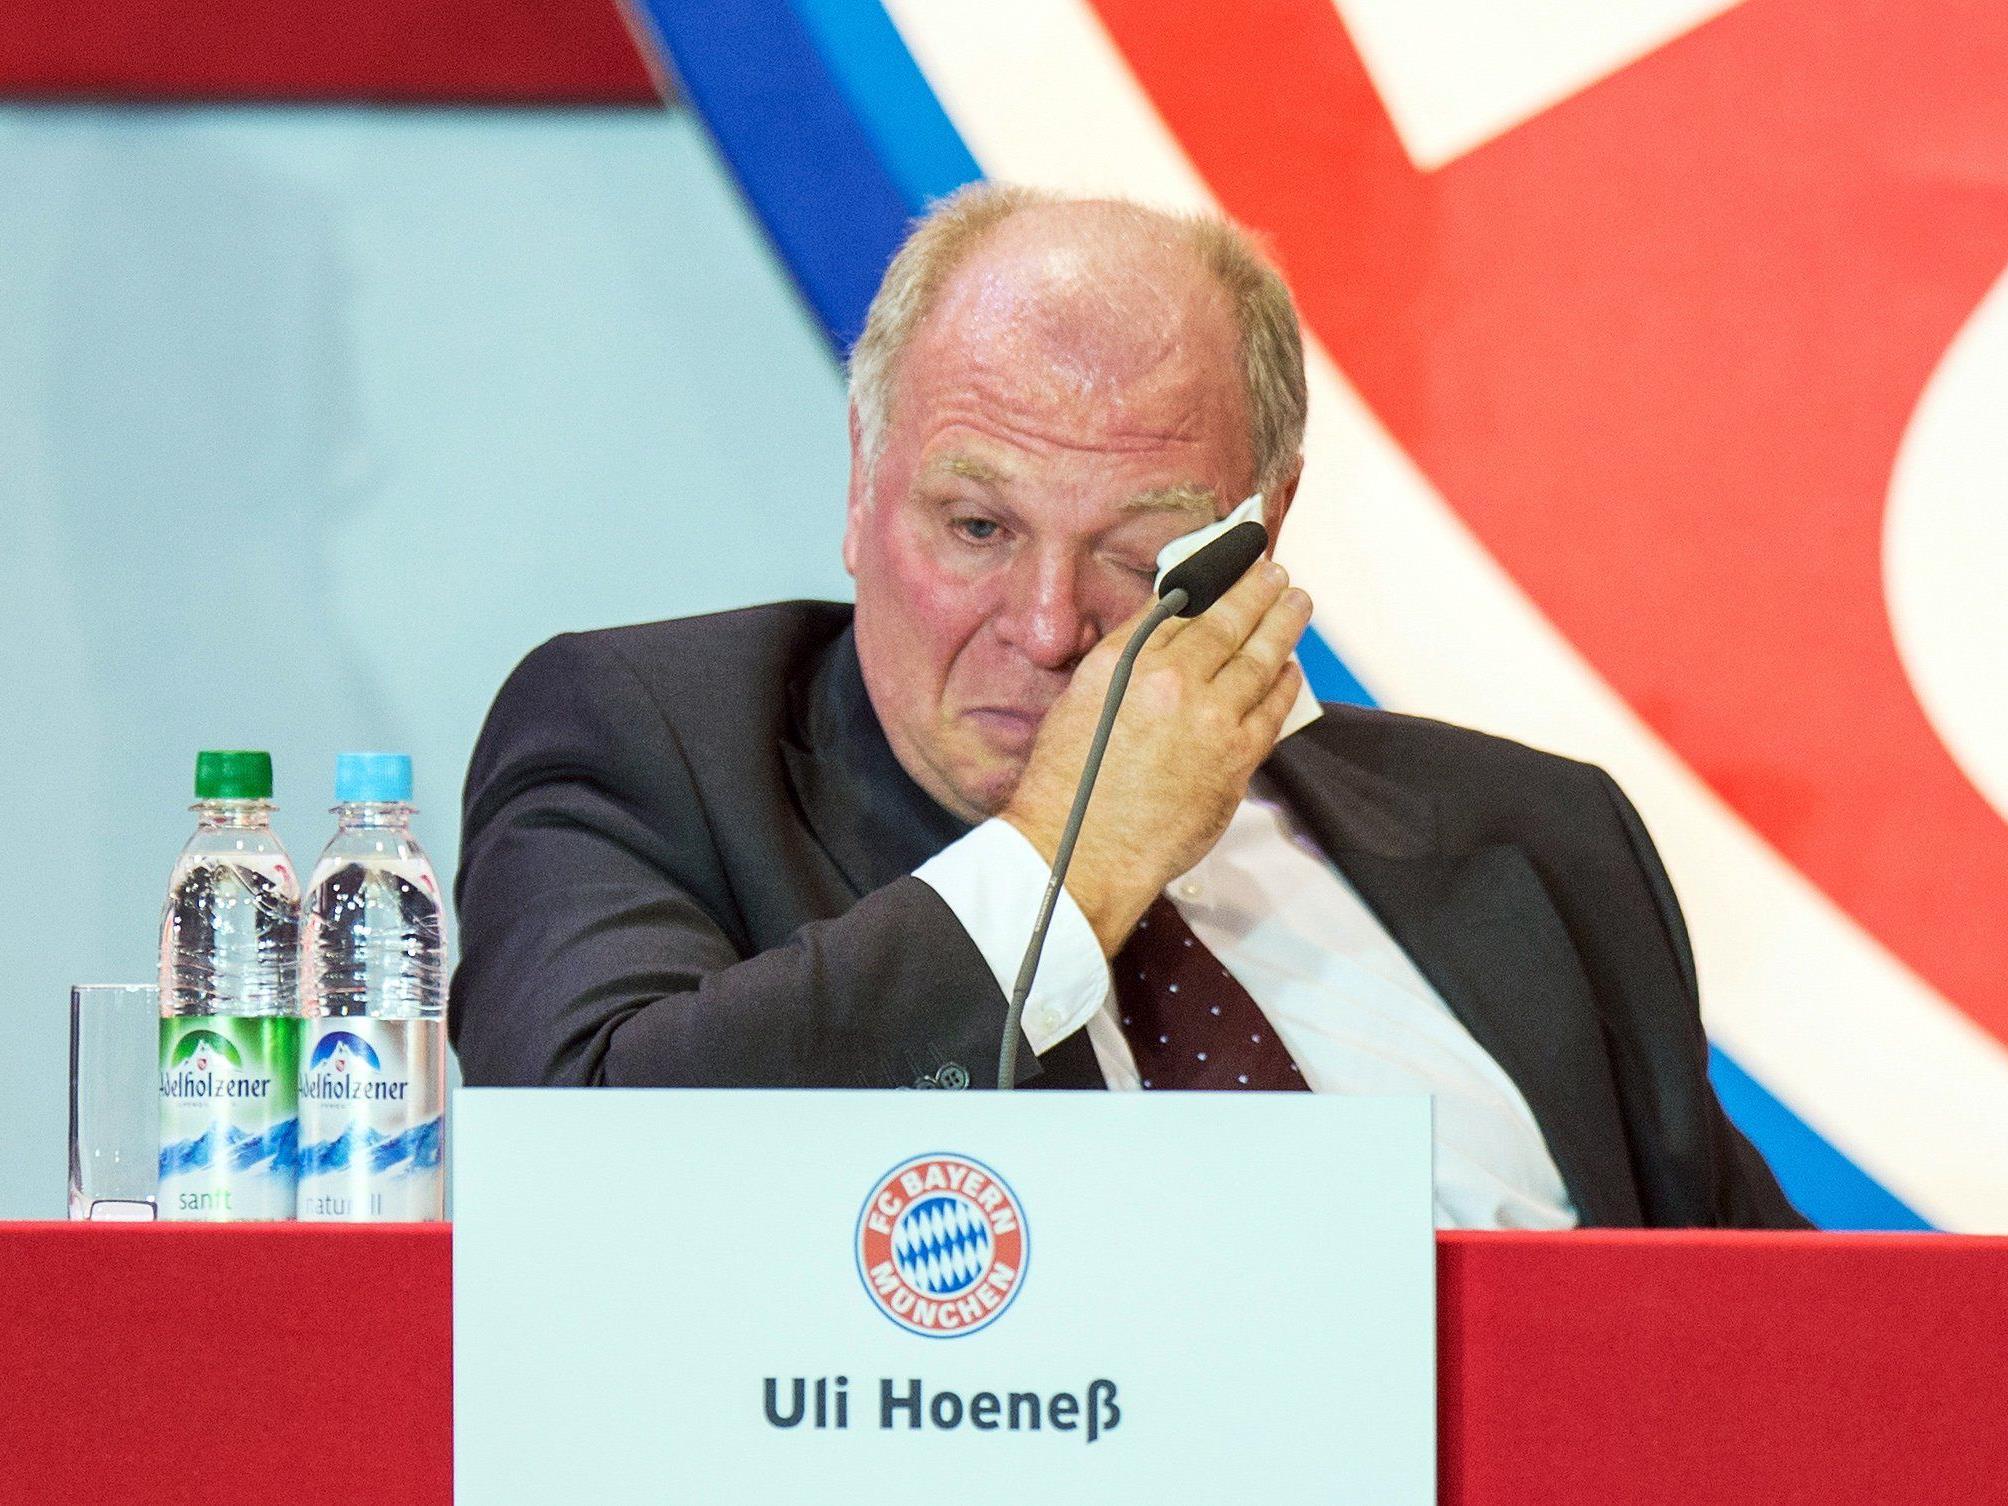 Uli Hoeneß war von den Worten und Jubelstürmen zu Tränen gerührt.